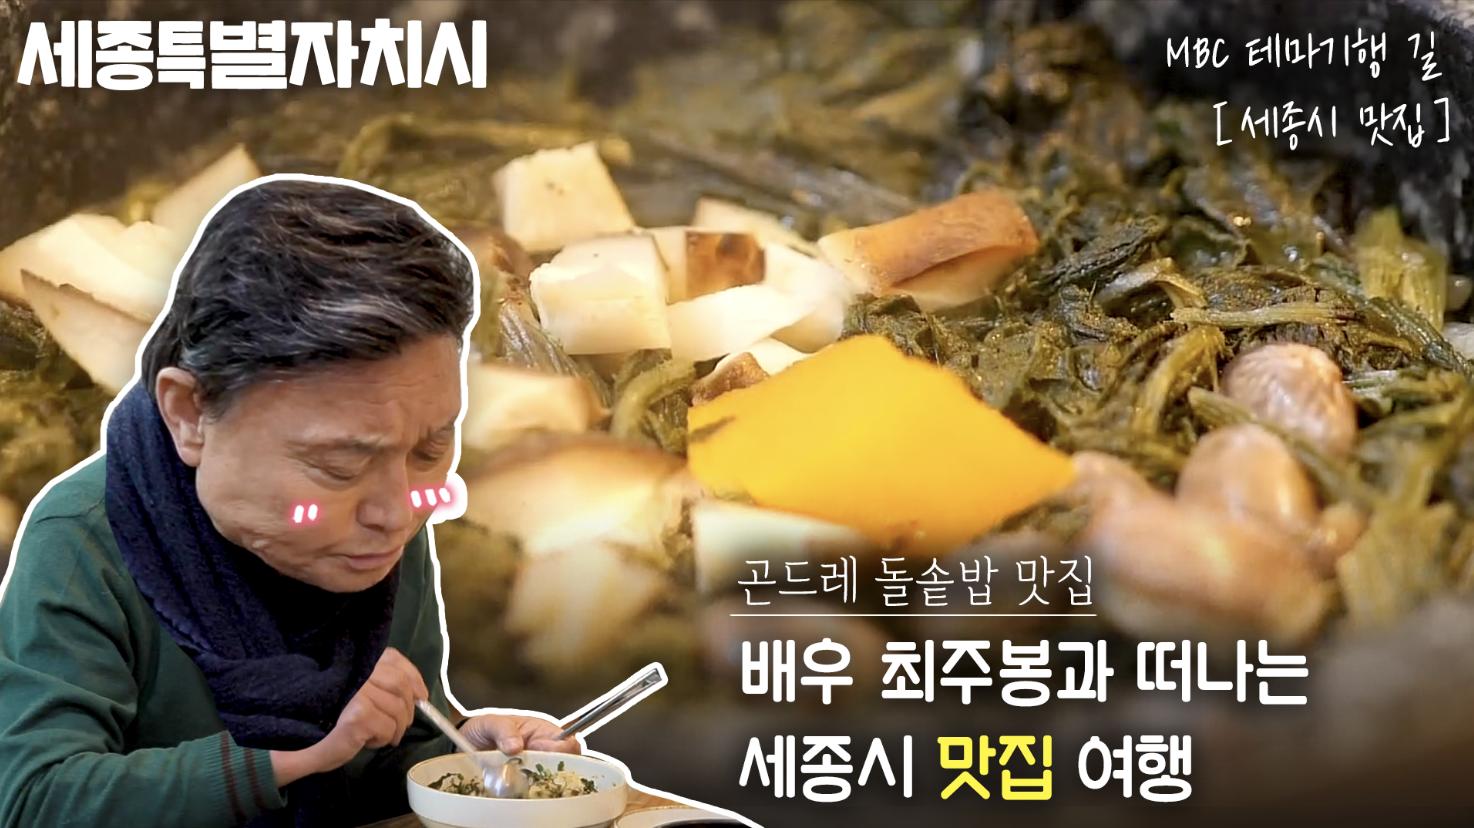 [세종시 테마여행 길] 3. 부강면 맛집(순남이네)